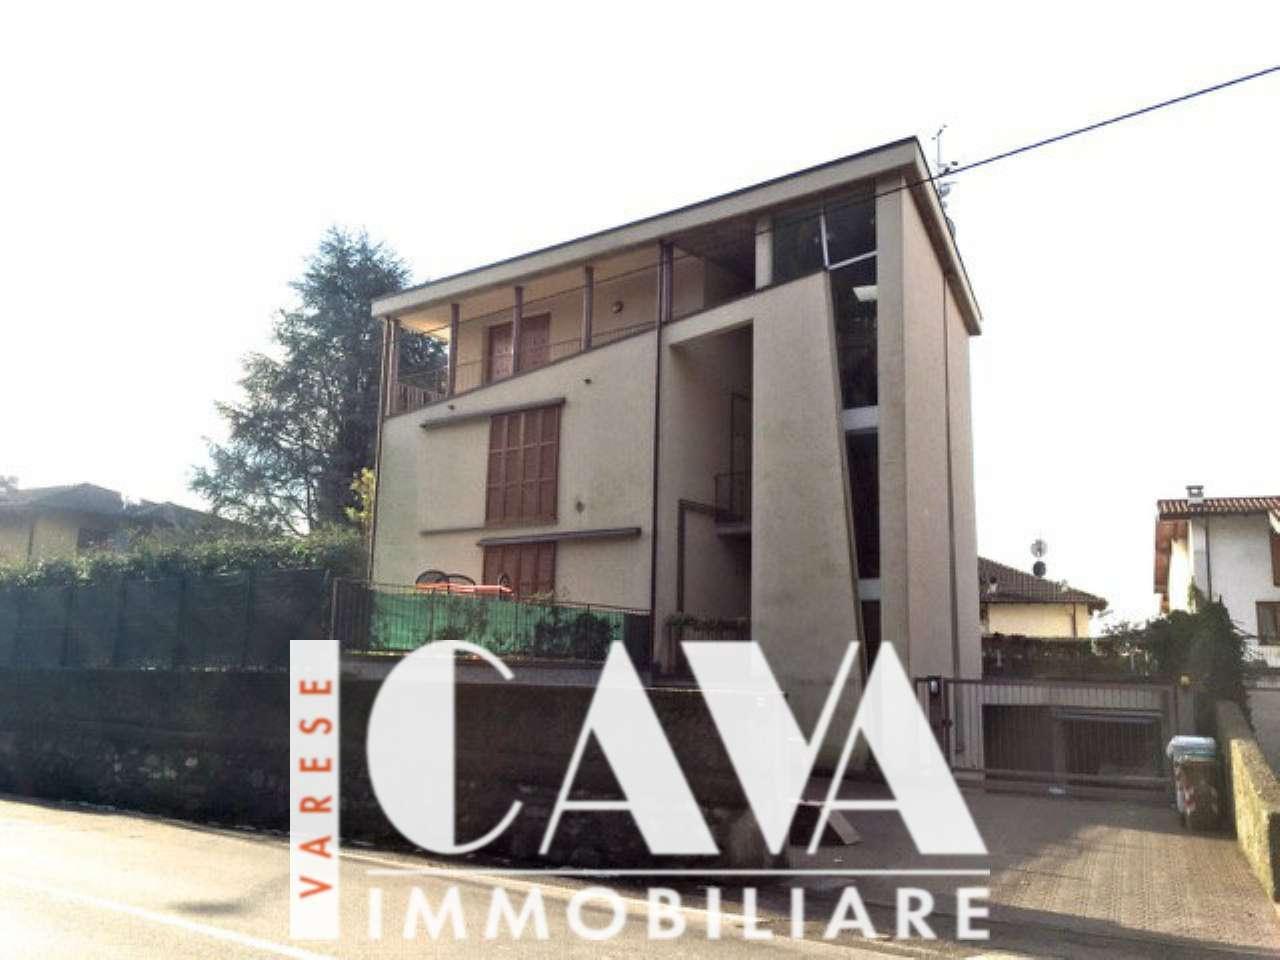 Appartamento in vendita a Varese, 3 locali, zona Zona: Masnago, prezzo € 190.000 | CambioCasa.it